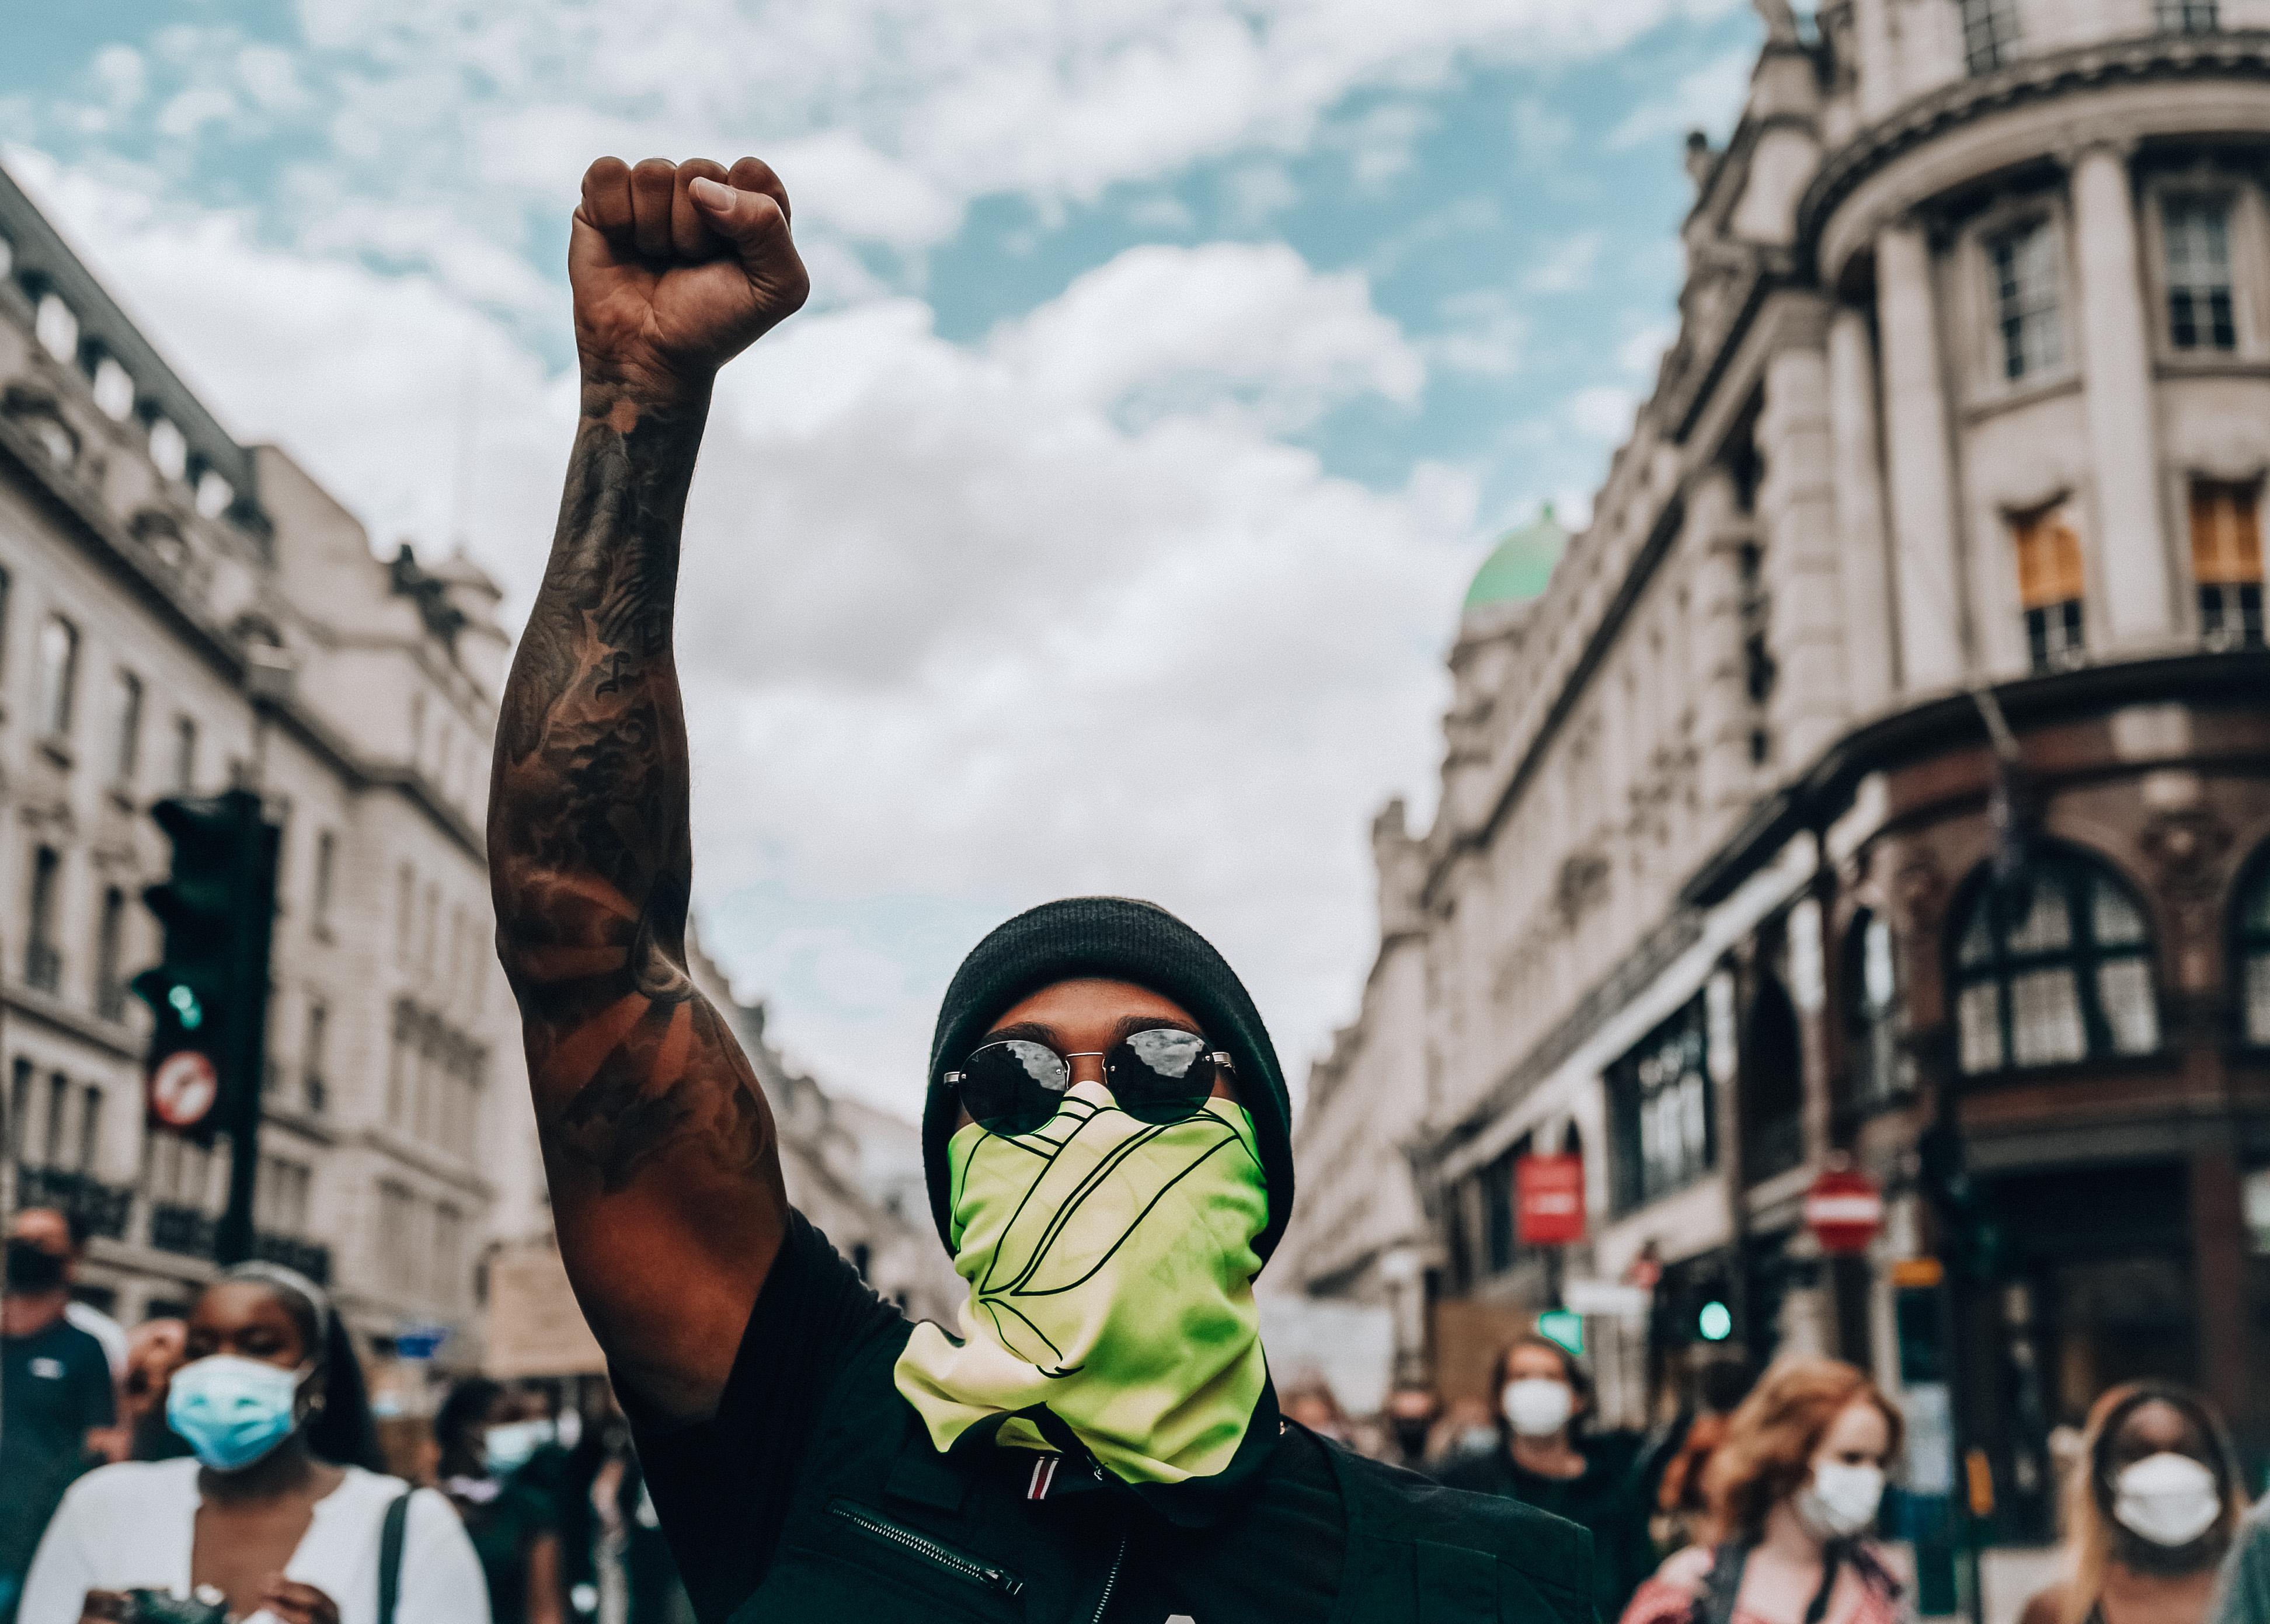 13990402000599 Test NewPhotoFree - حضور قهرمان فرمول یک جهان در تظاهرات علیه نژادپرستی/همیلتون: تغییرات مثبت در راه است